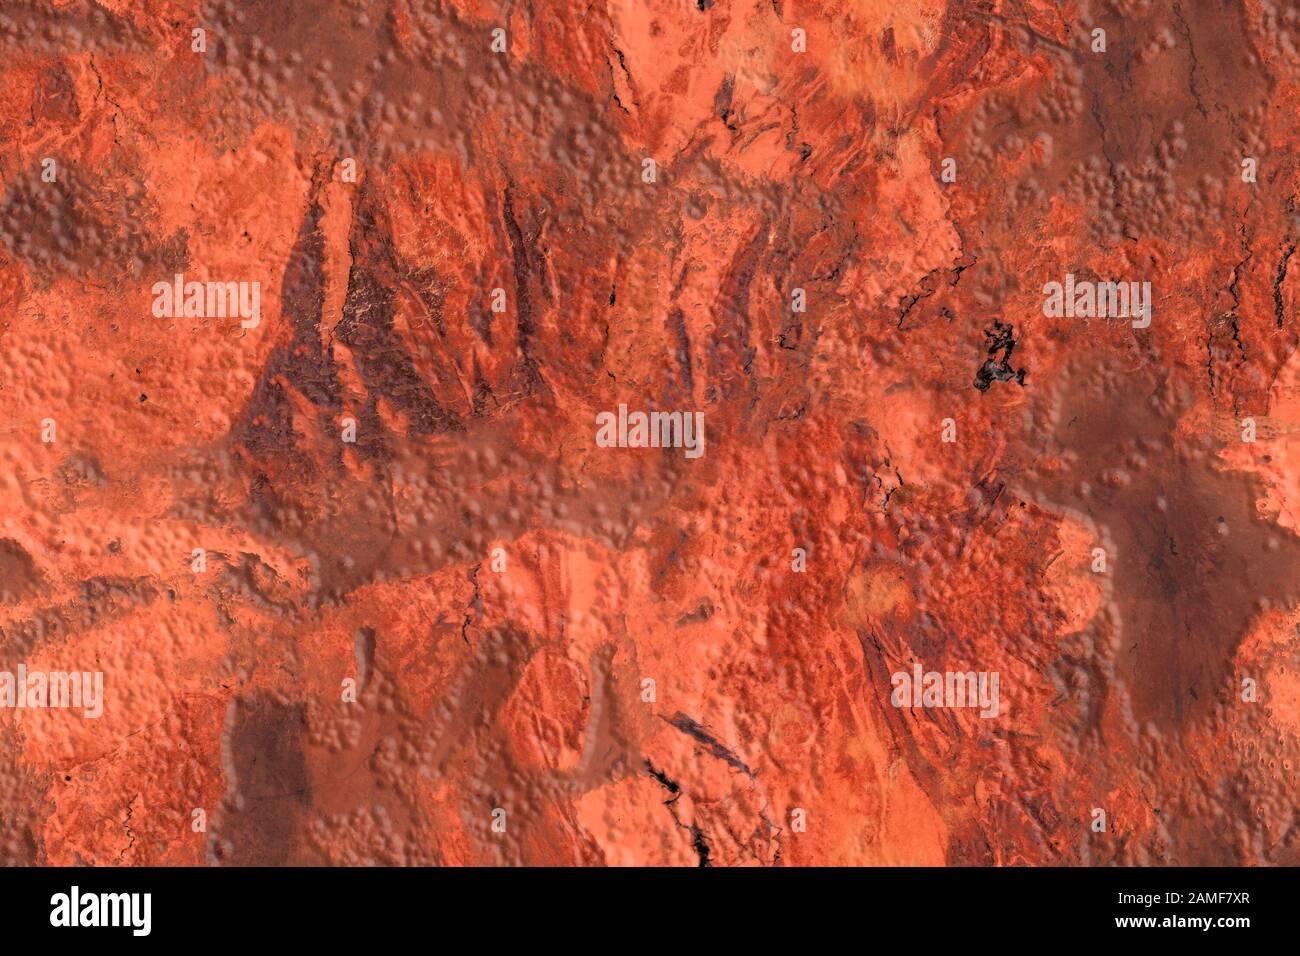 Textura sin costuras de relieve brillante en tonos rojos y rosas con venas y arañazos, patrón sin costuras Foto de stock